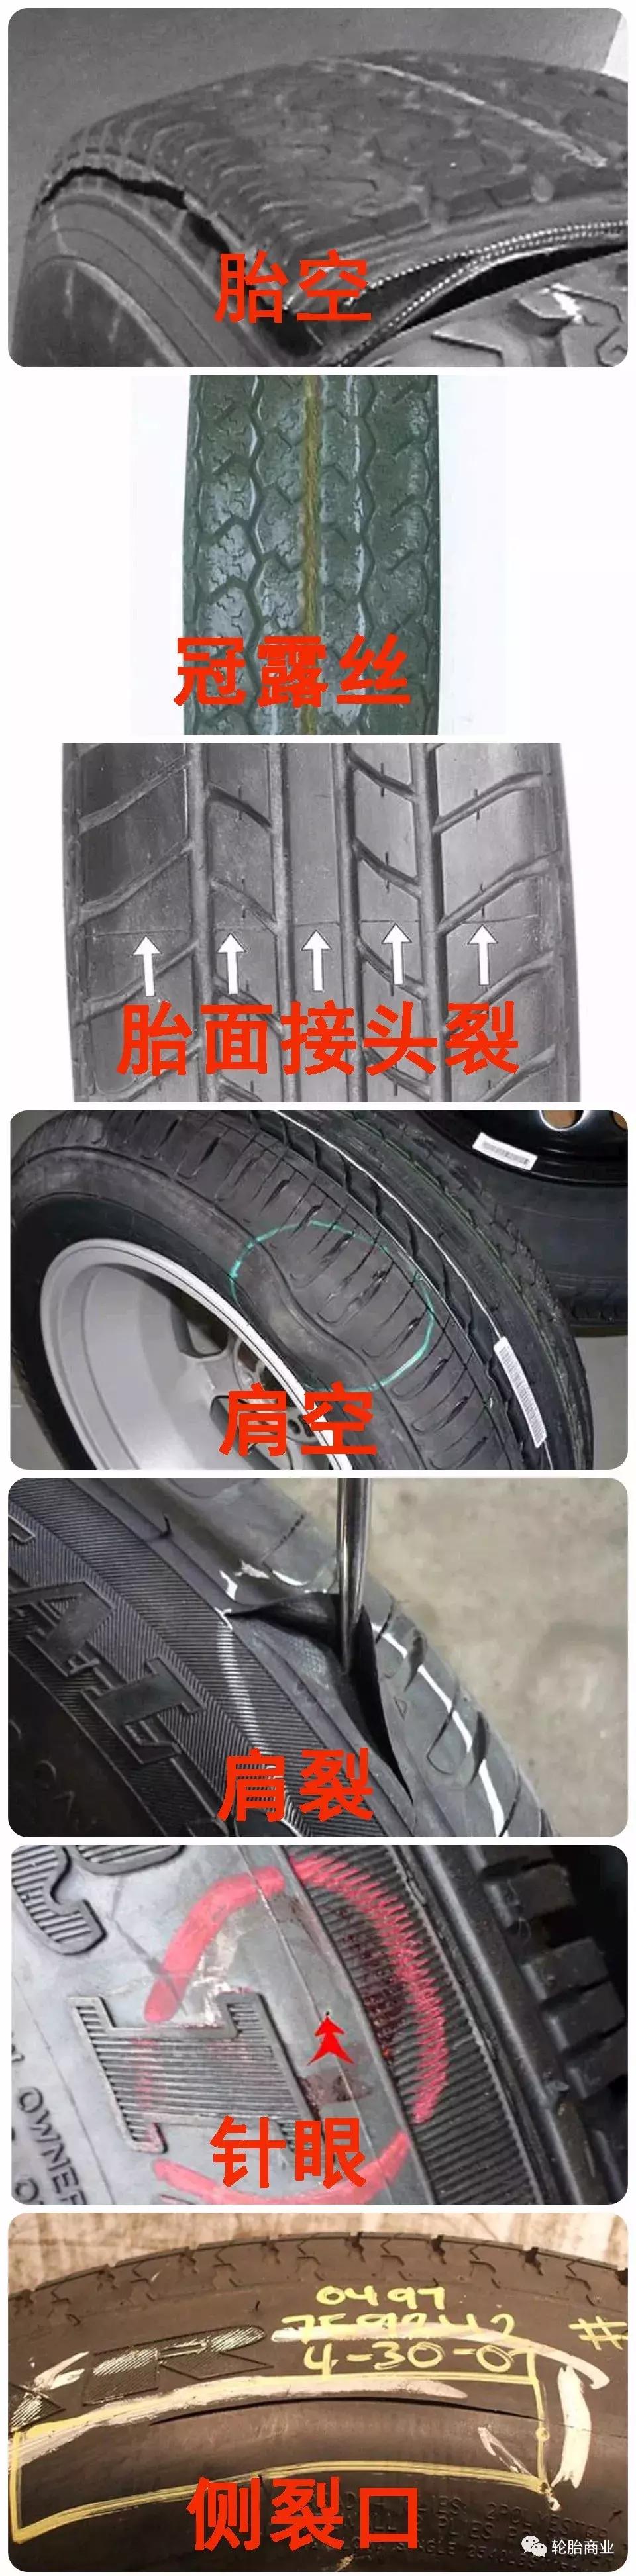 轮胎三包应该包什么?怎么包?